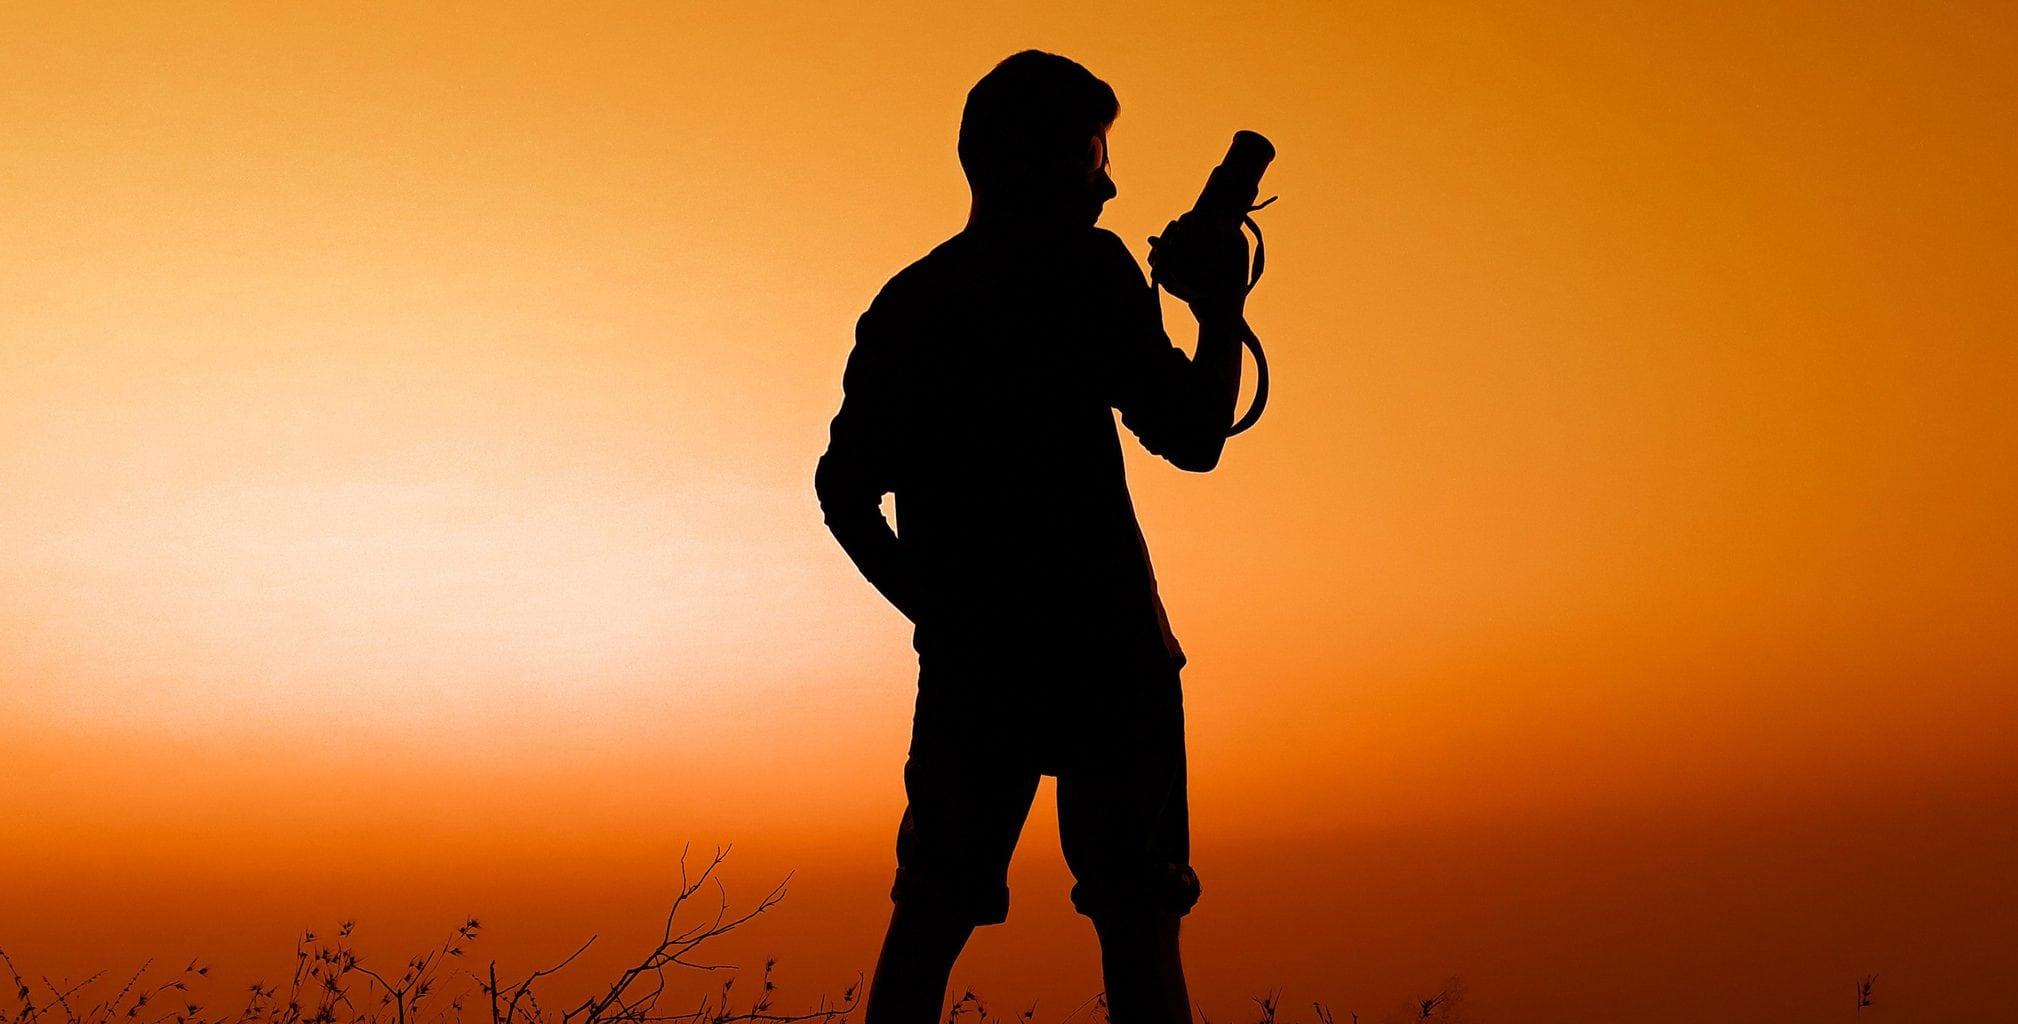 Silueta de fotógrafo con cámara en mano al atardecer